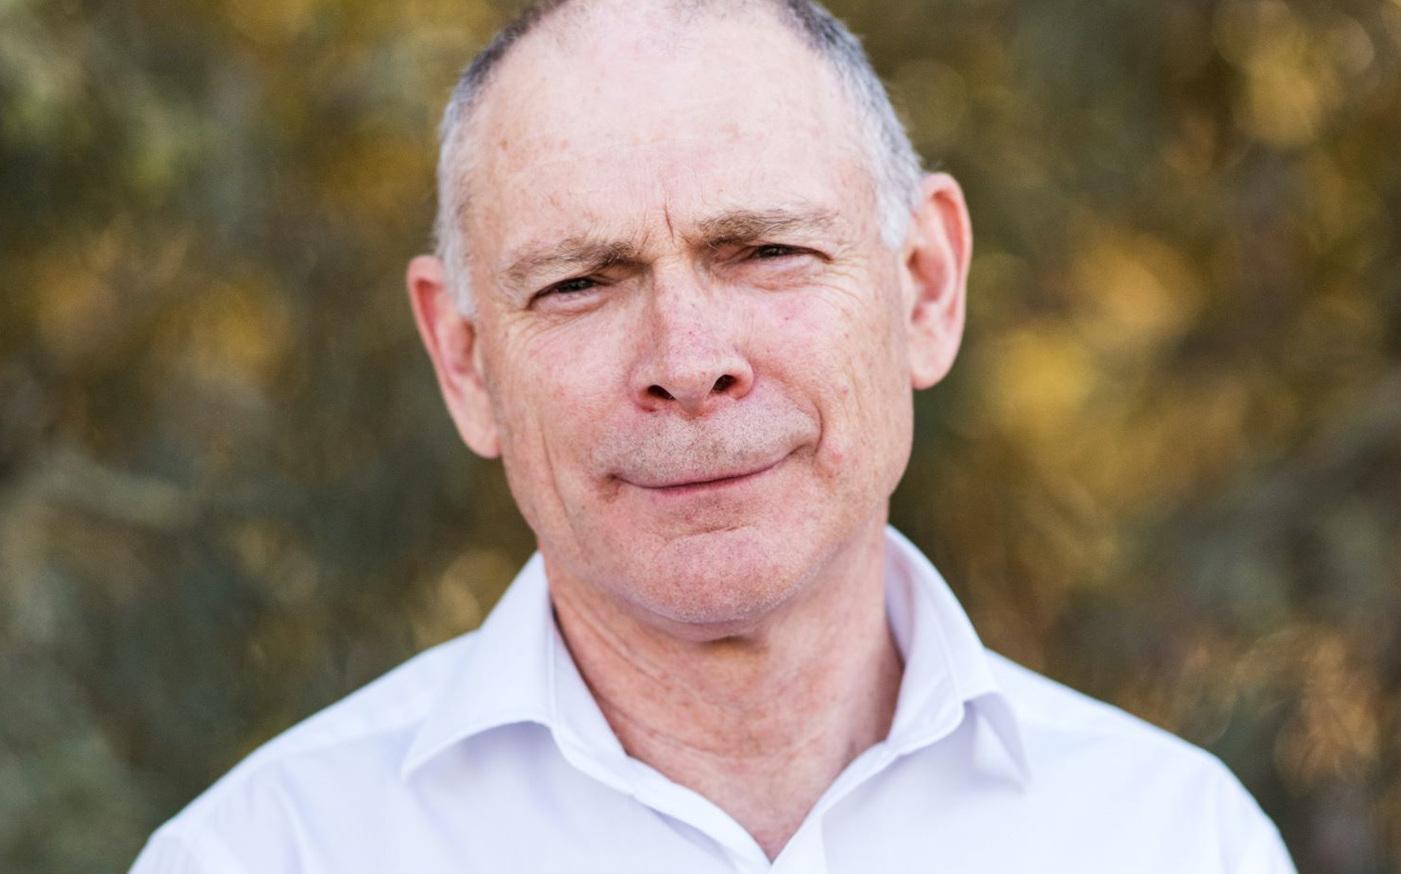 Mark Nulty